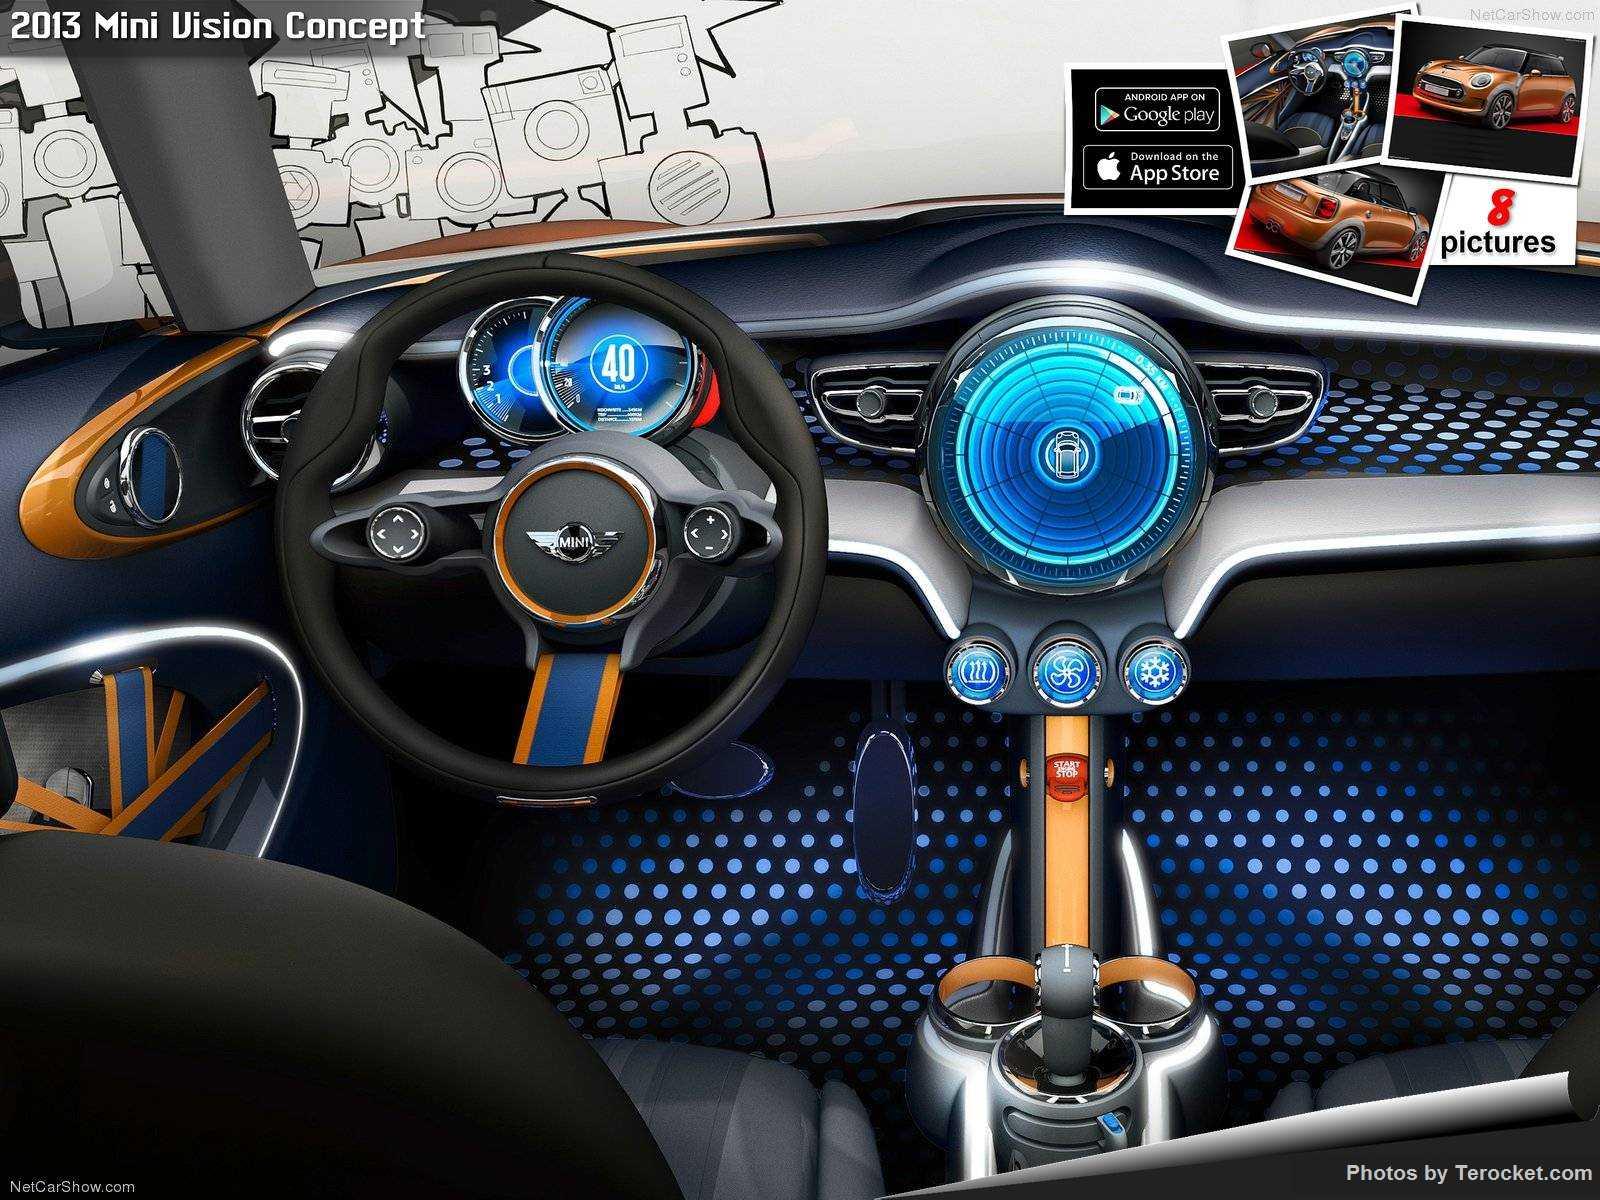 Hình ảnh xe ô tô Mini Vision Concept 2013 & nội ngoại thất